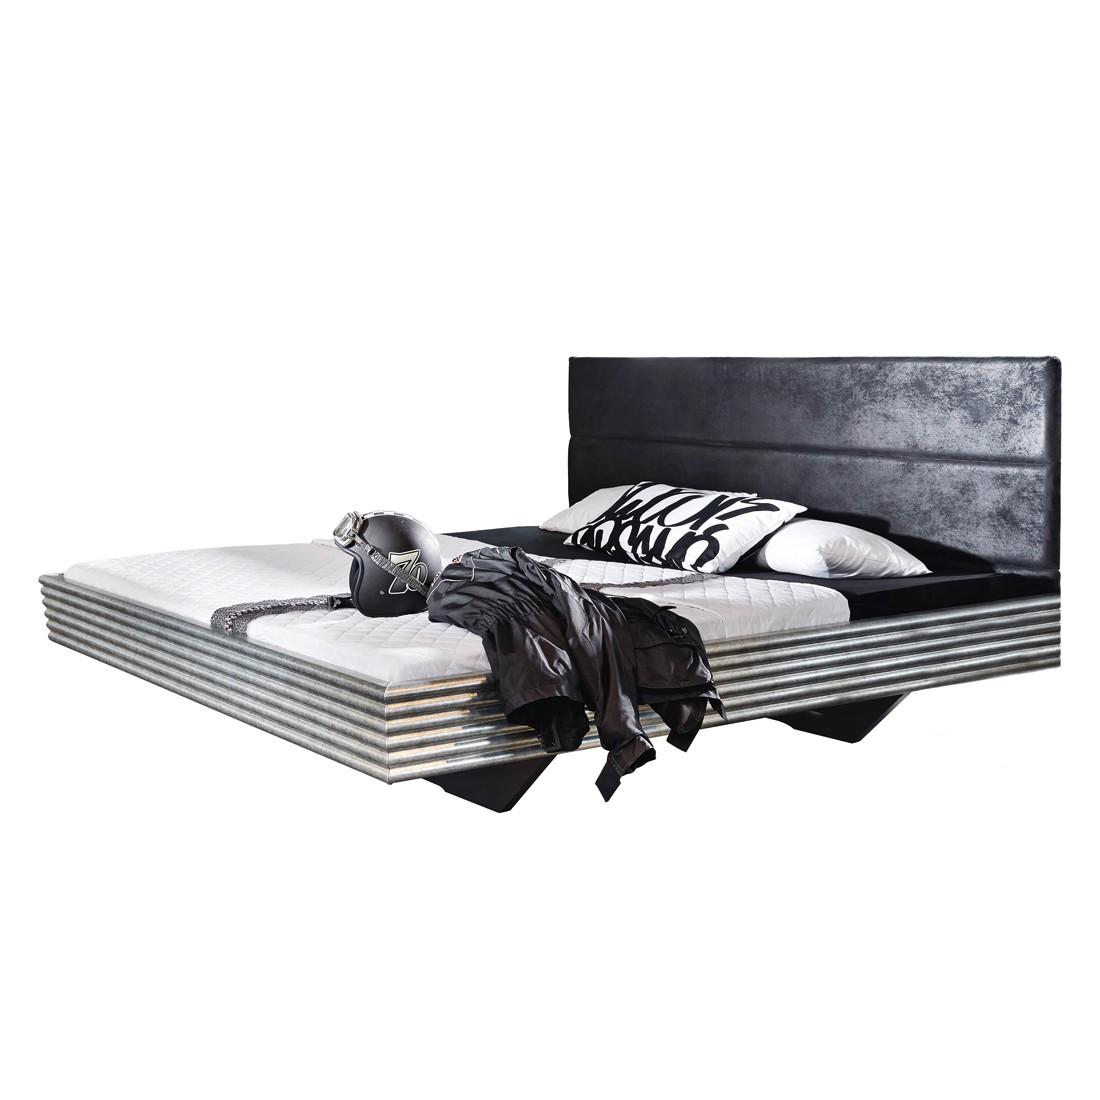 goedkoop Bed Workbase I zilveren plaat zwart Buffalo kunstleer 160 x 200cm Rauch Select